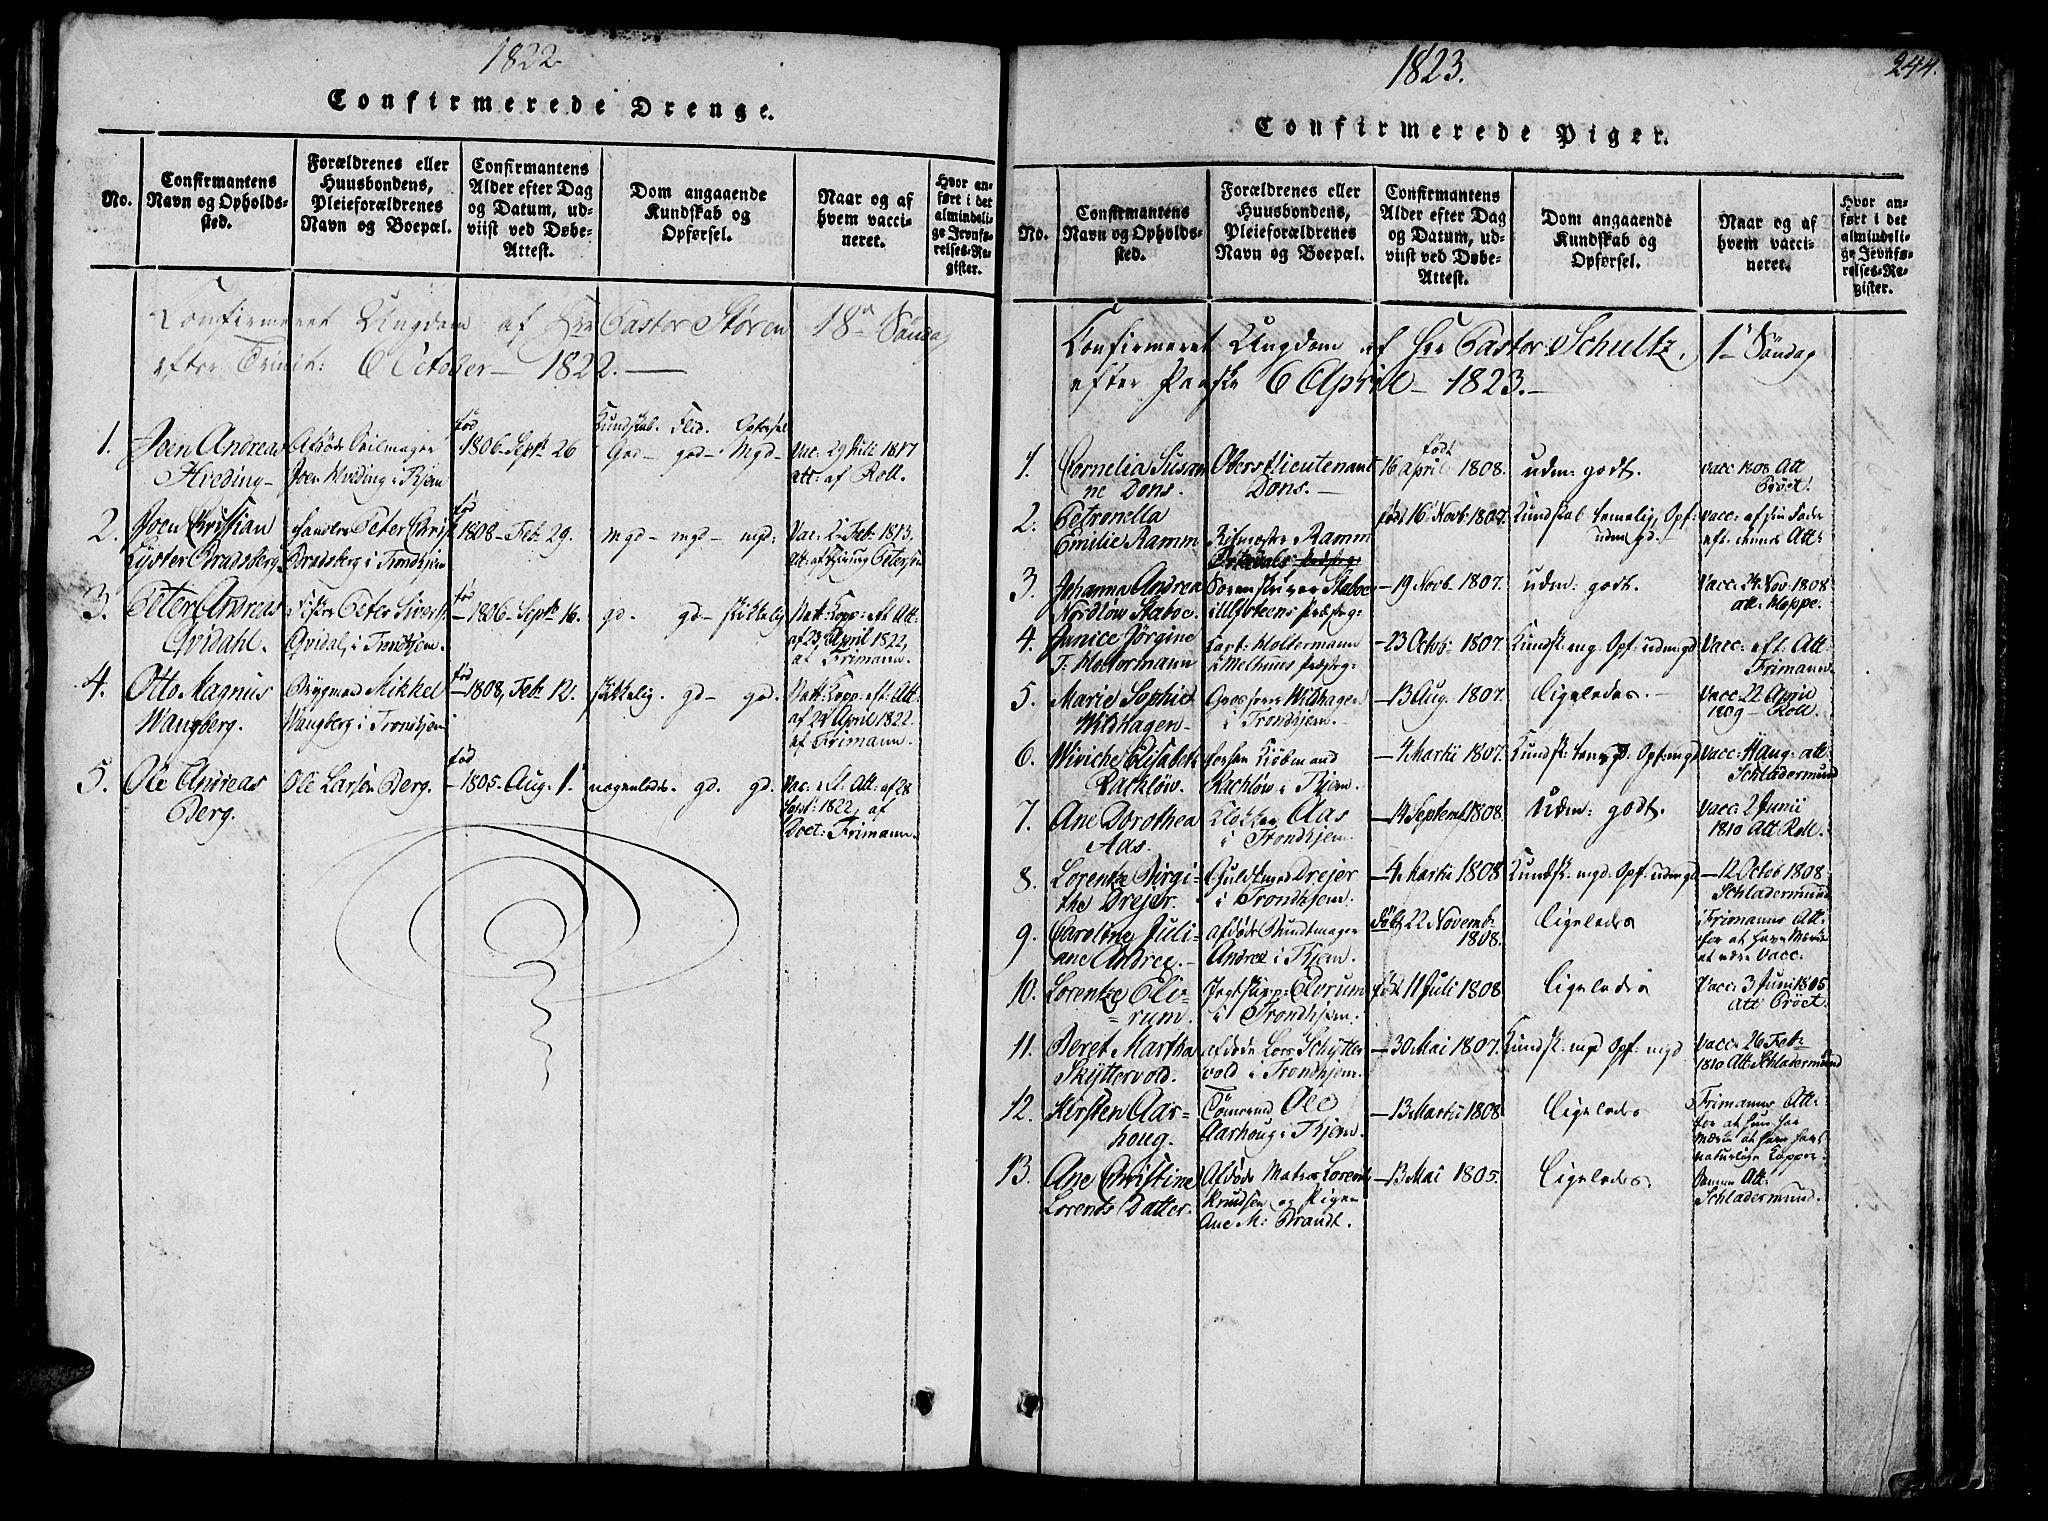 SAT, Ministerialprotokoller, klokkerbøker og fødselsregistre - Sør-Trøndelag, 602/L0135: Klokkerbok nr. 602C03, 1815-1832, s. 244